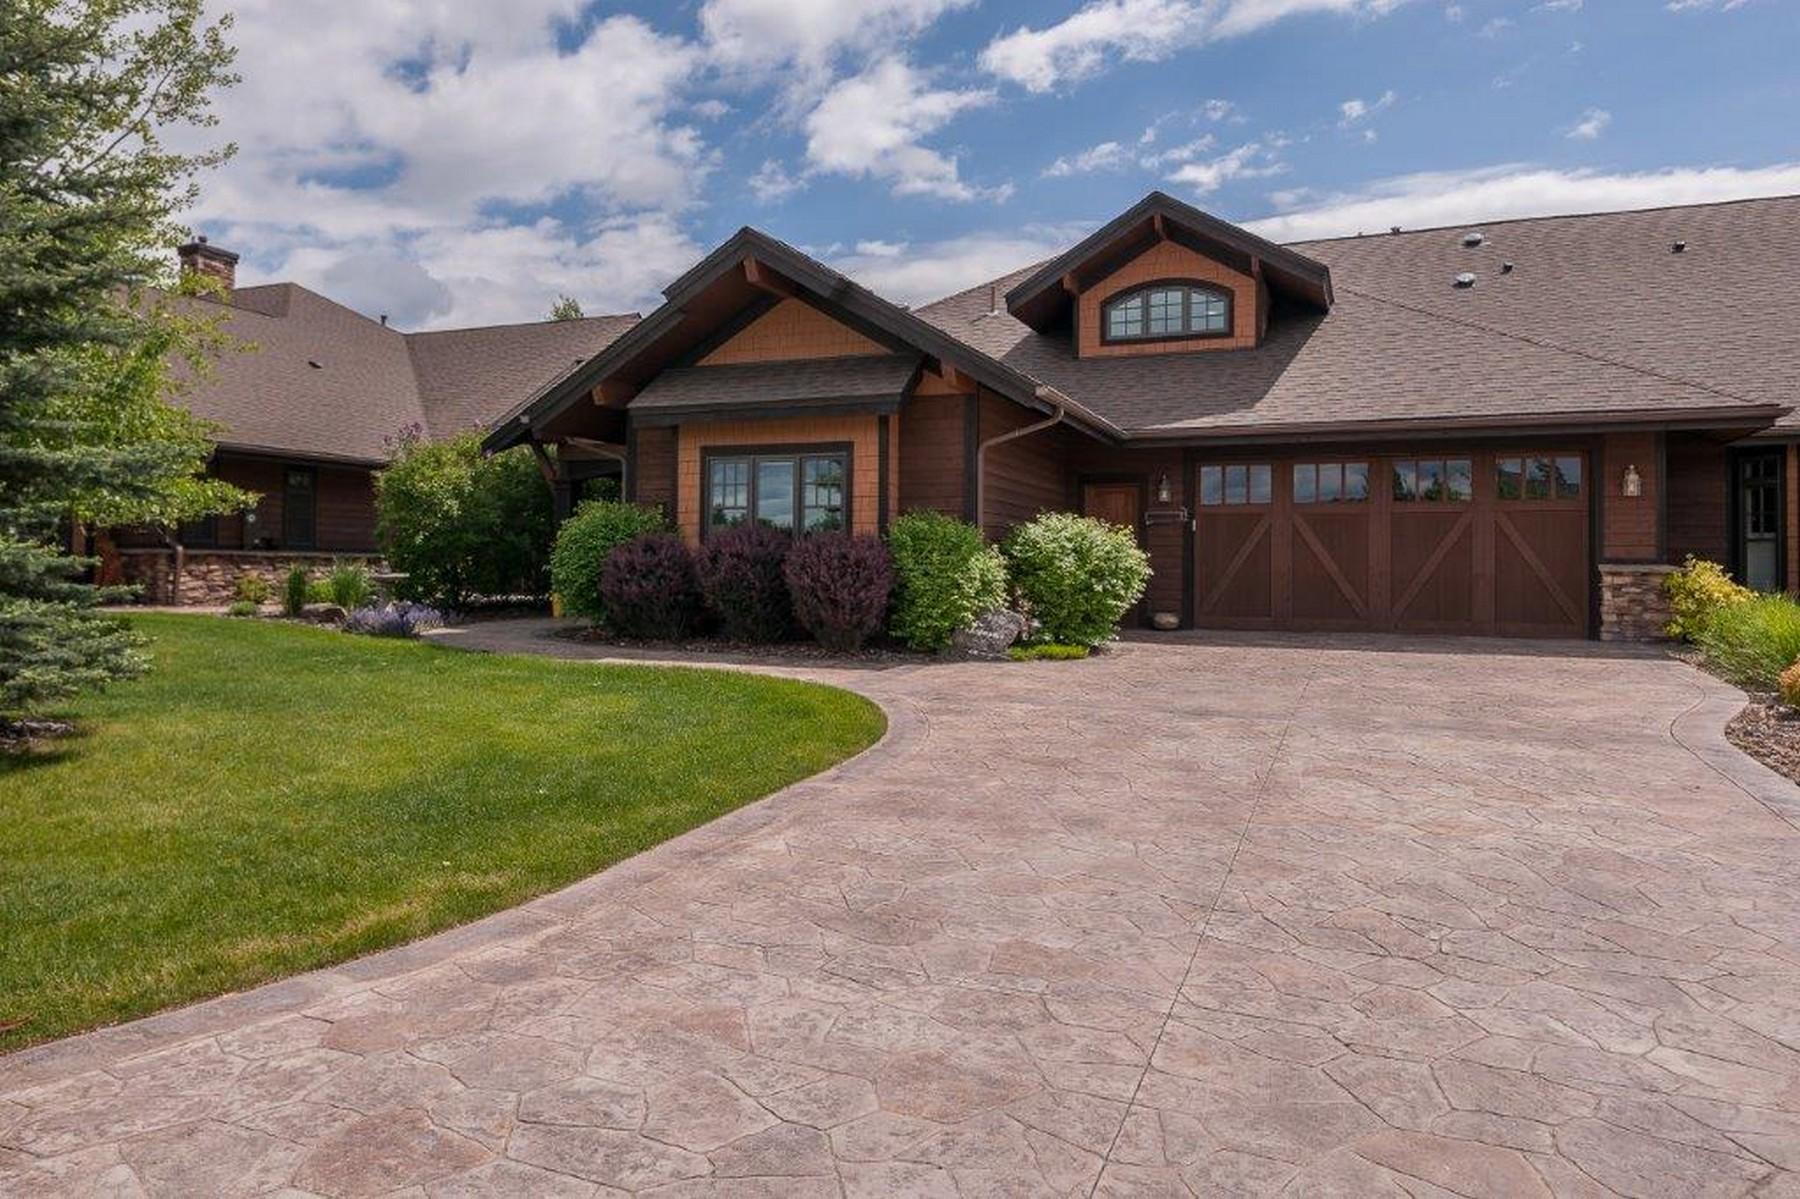 Townhouse for Sale at 350 Eagle Bend Dr , Bigfork, MT 59911 350 Eagle Bend Dr Bigfork, Montana, 59911 United States